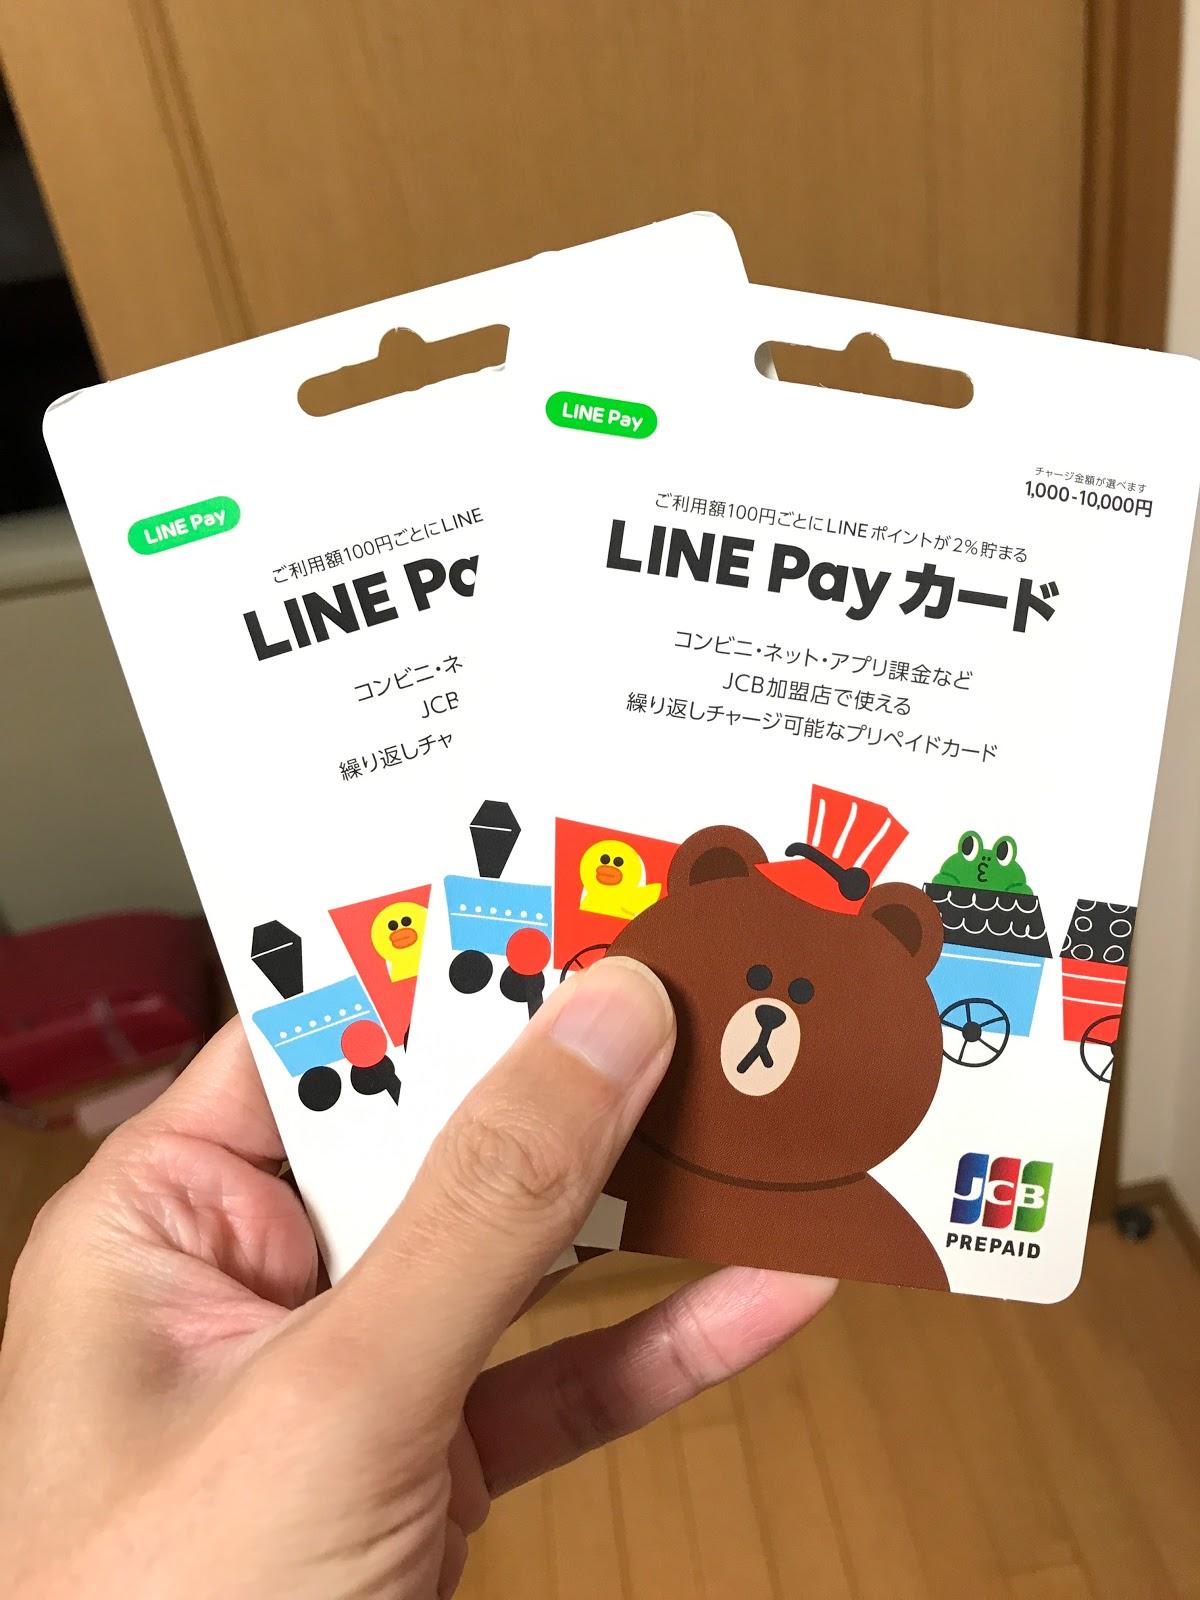 LINE Payカード コンビニ販売終了